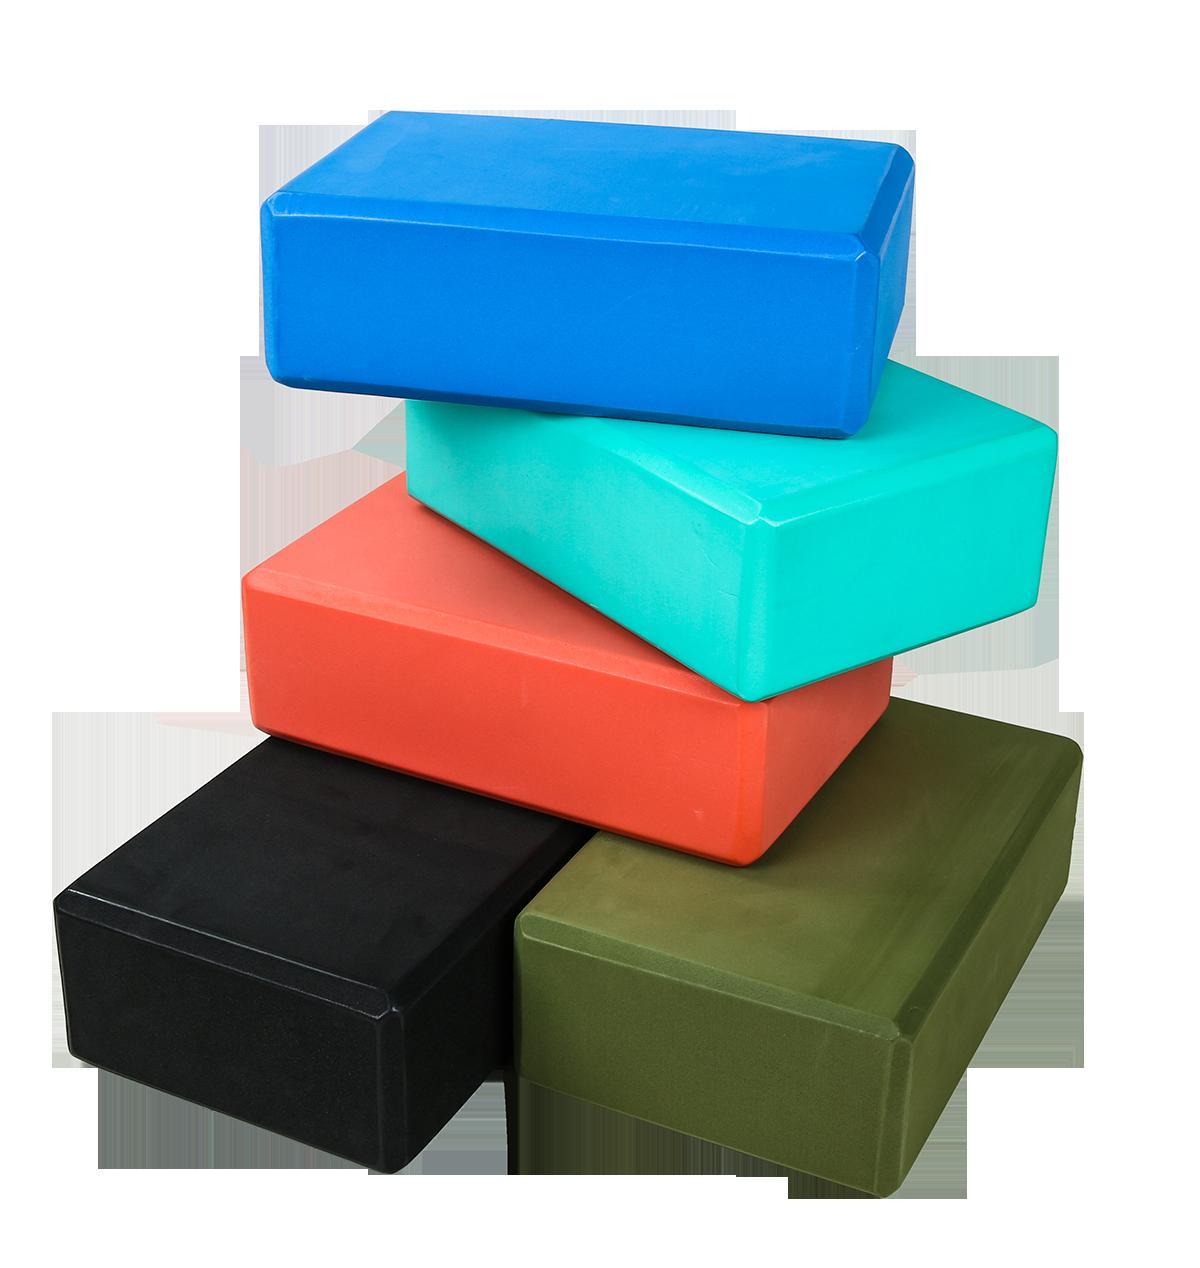 آجر بلوک فوم EVA ، بلوک های یوگا آجرهای کف باعث ایجاد ثبات و تعادل برای ورزش ، پیلاتس ، تمرین ، تناسب اندام ، سالن بدن سازی (1)